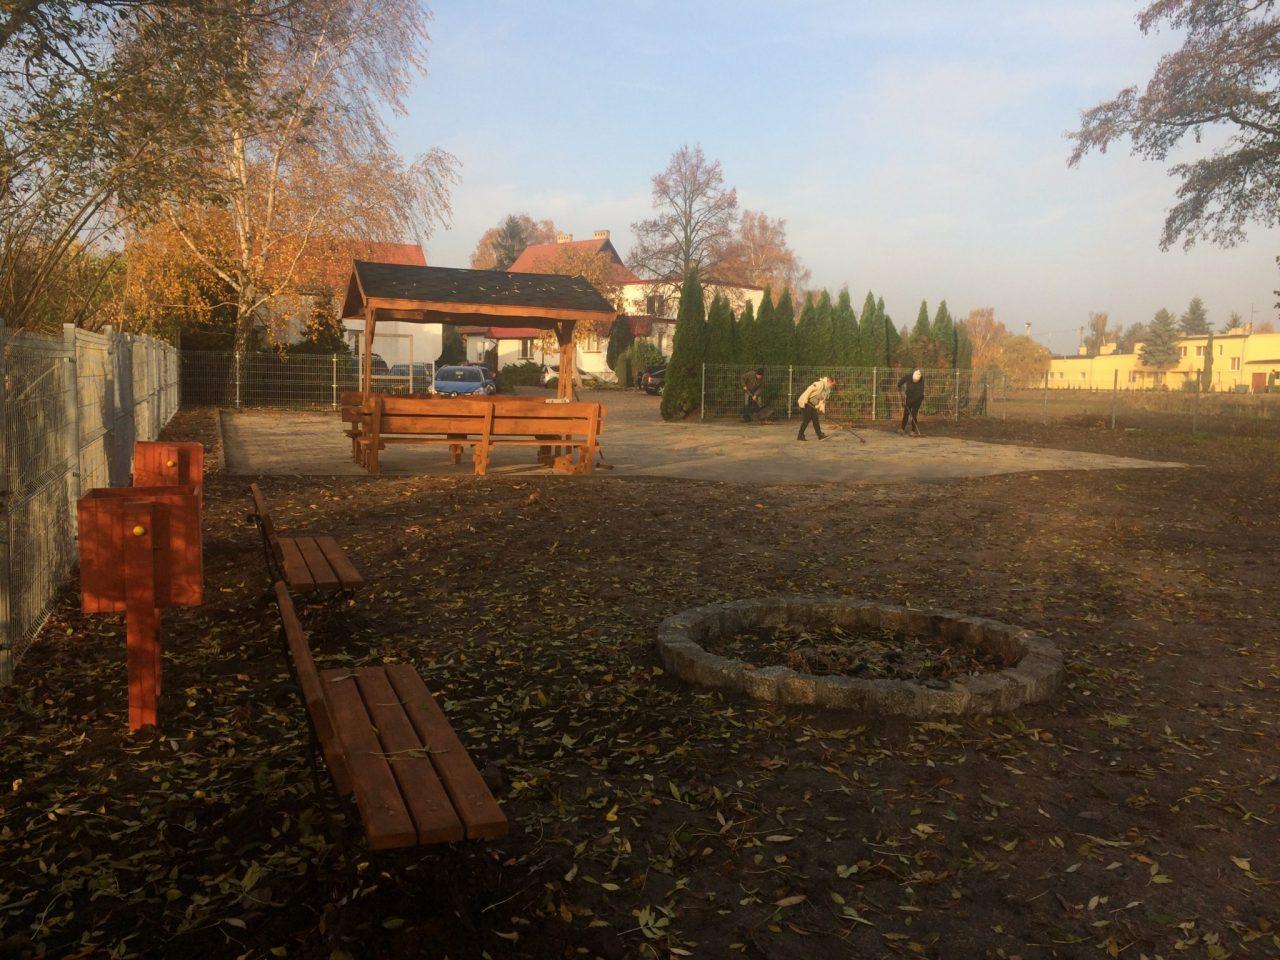 Czermin-odnowa-wsi-1-1280x960.jpeg